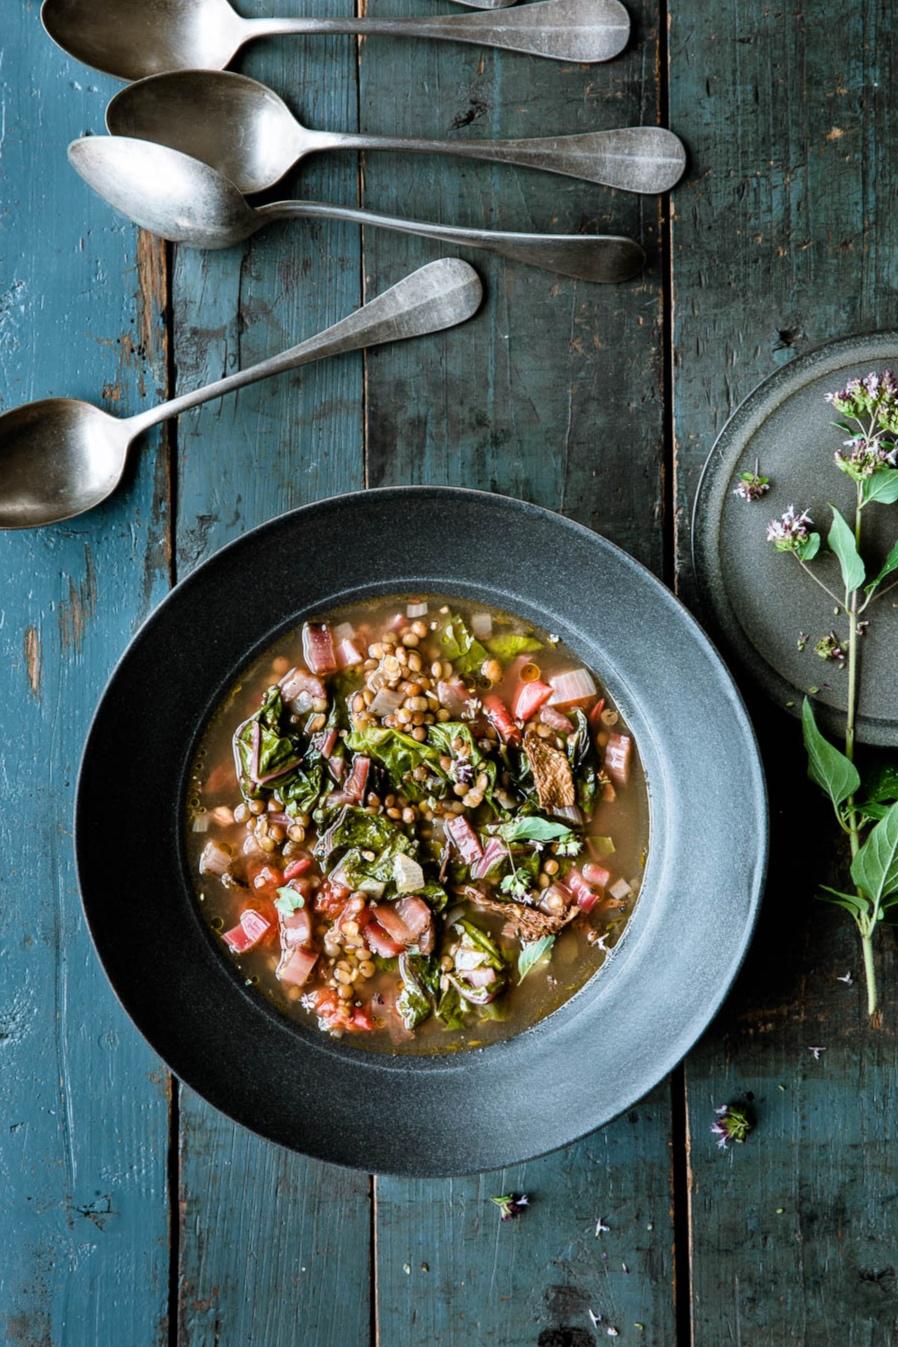 Mangold-Linsen-Suppe- veggielicious | gemüse. fotos. rezepte.